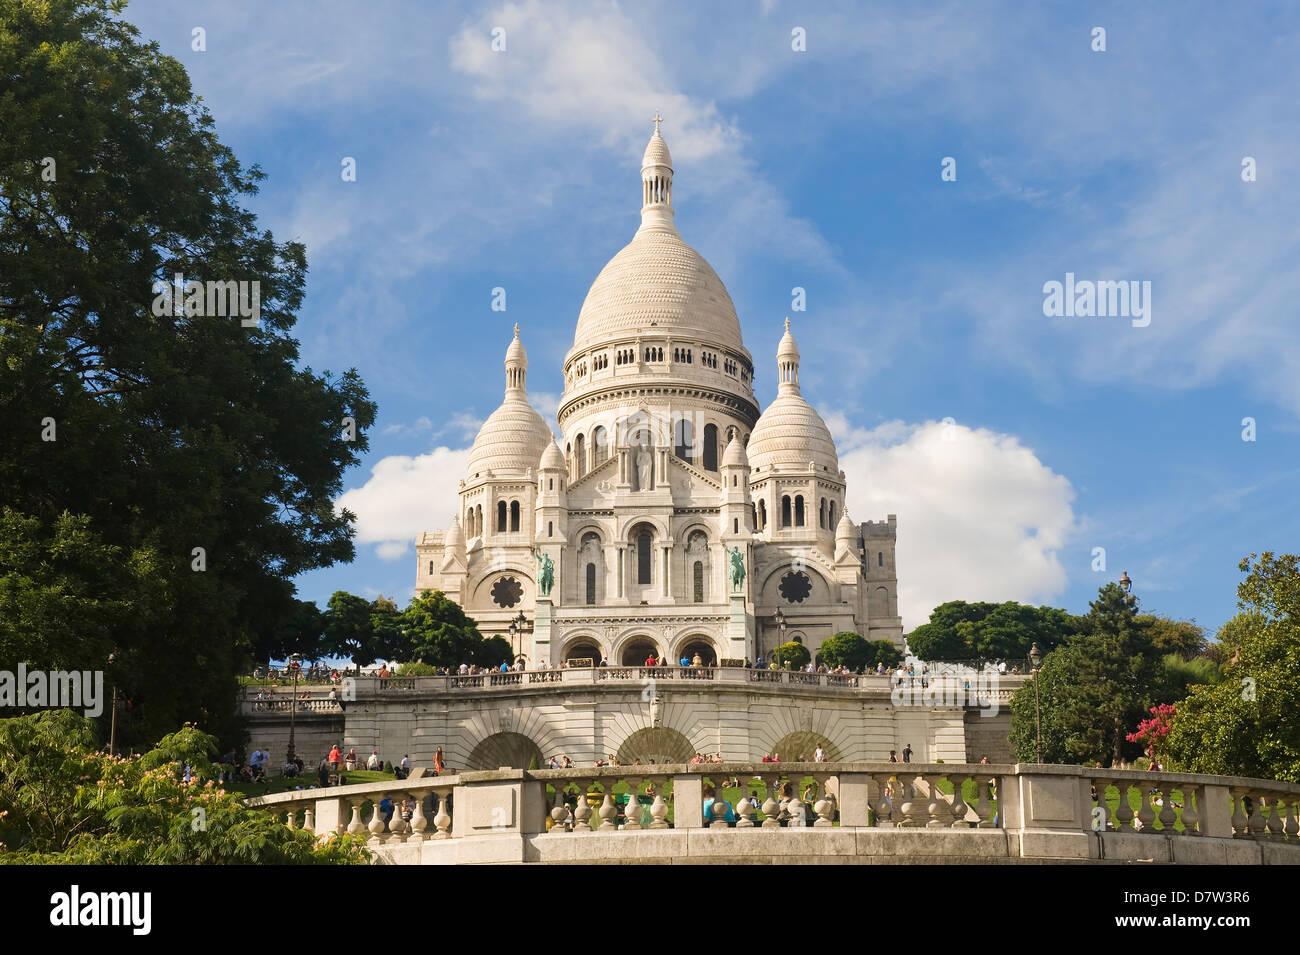 Basilica Sacre Coeur, Montmartre, Paris, France - Stock Image